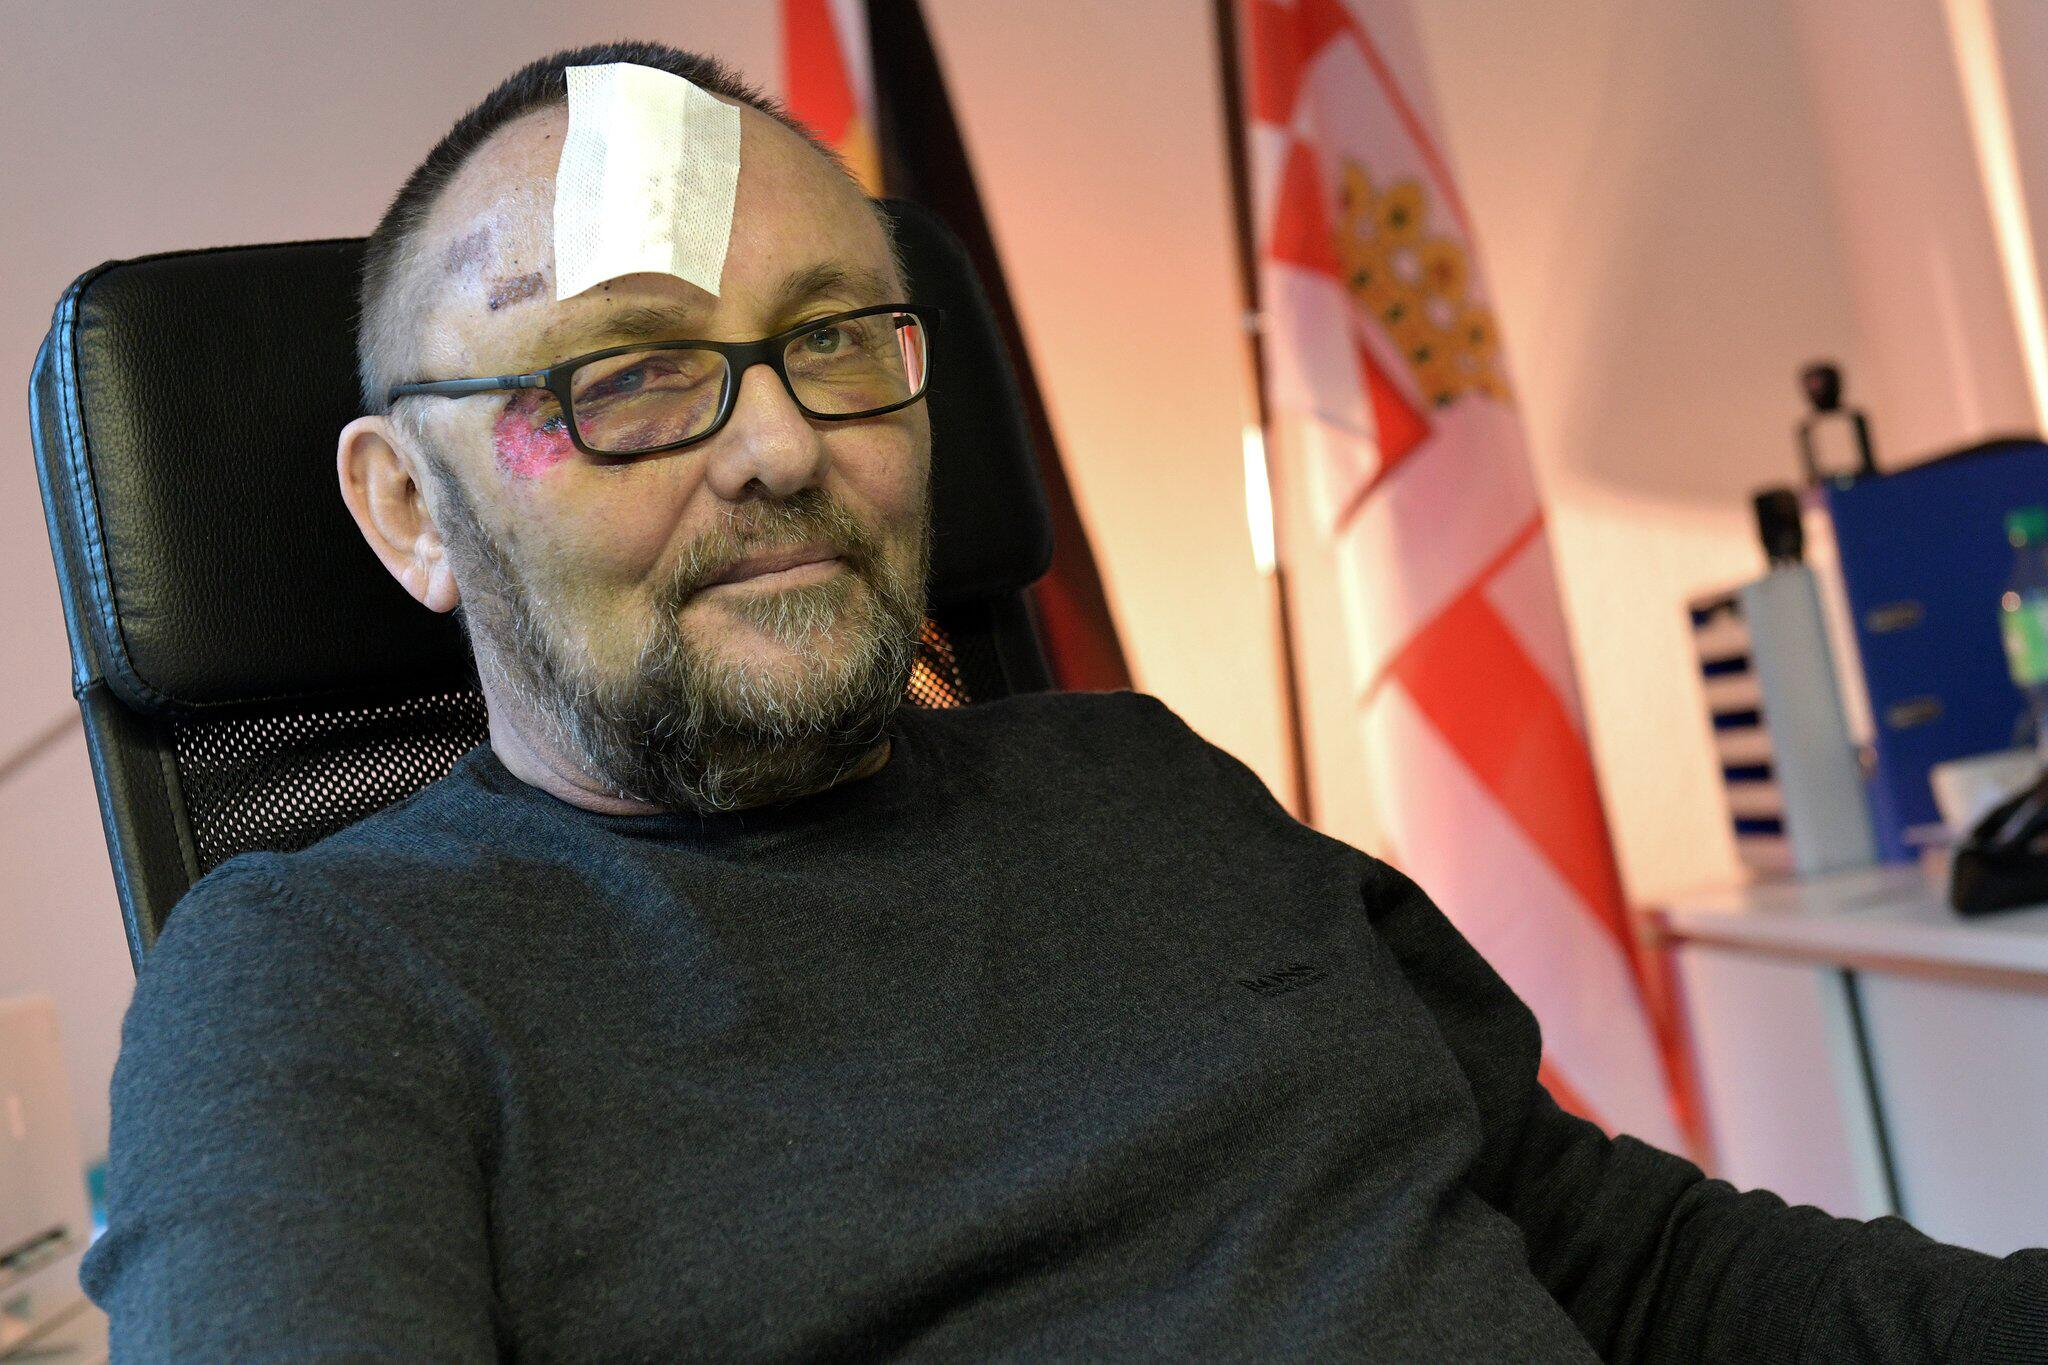 Bild zu Frank Magnitz in the AfD office in Bremen